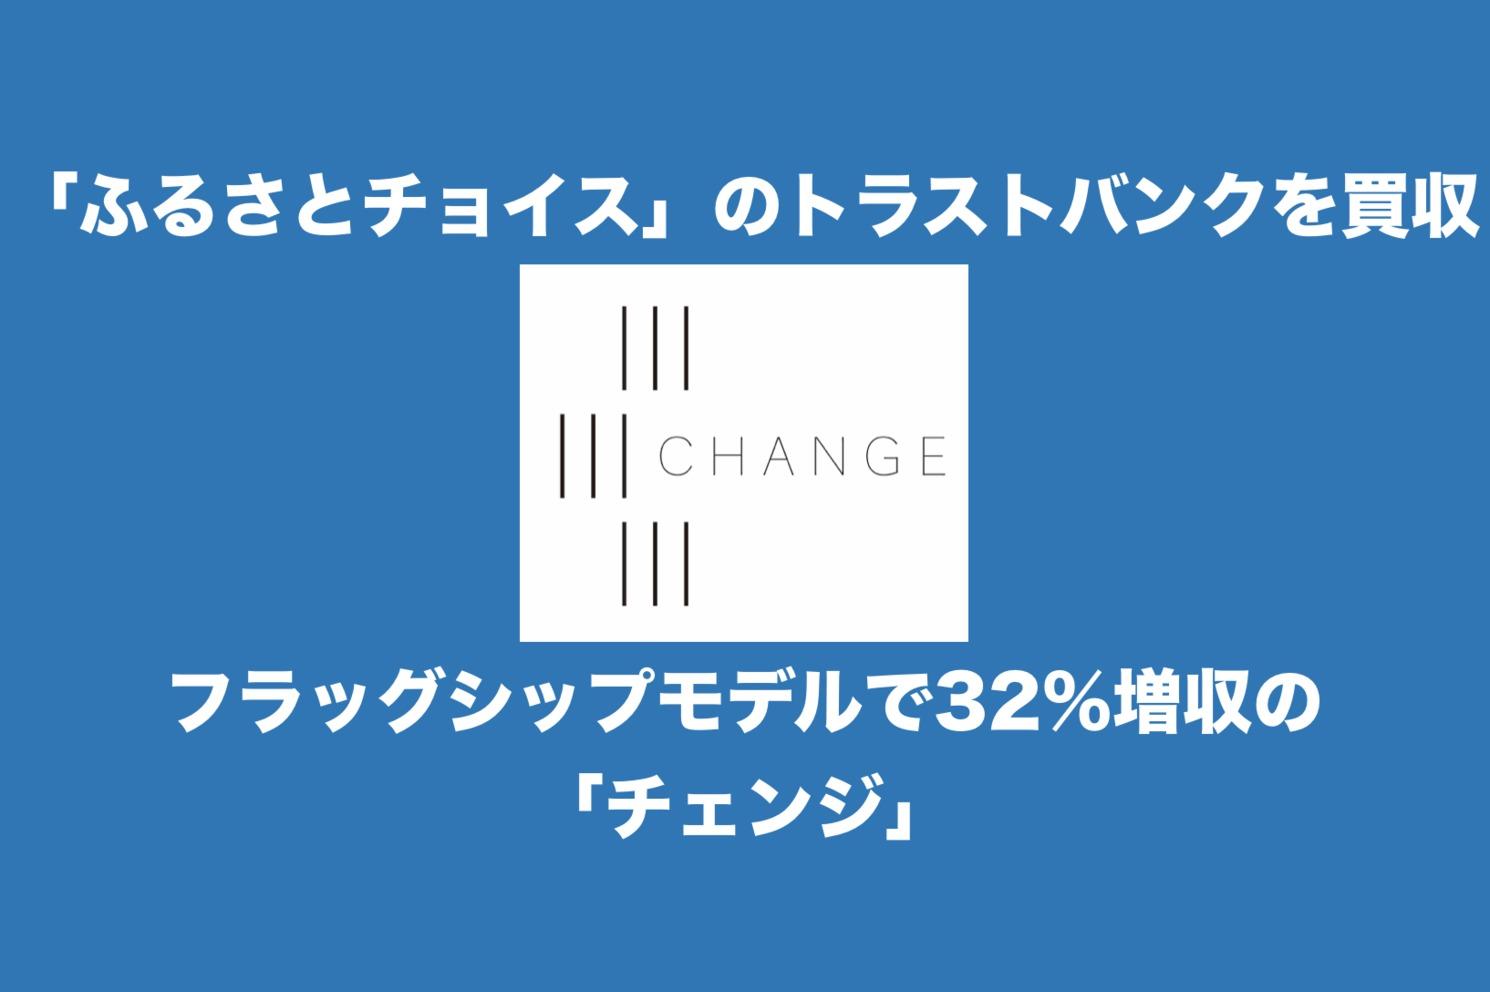 「ふるさとチョイス」のトラストバンクを48.1億円で買収!フラッグシップモデルで32%増収の「チェンジ」